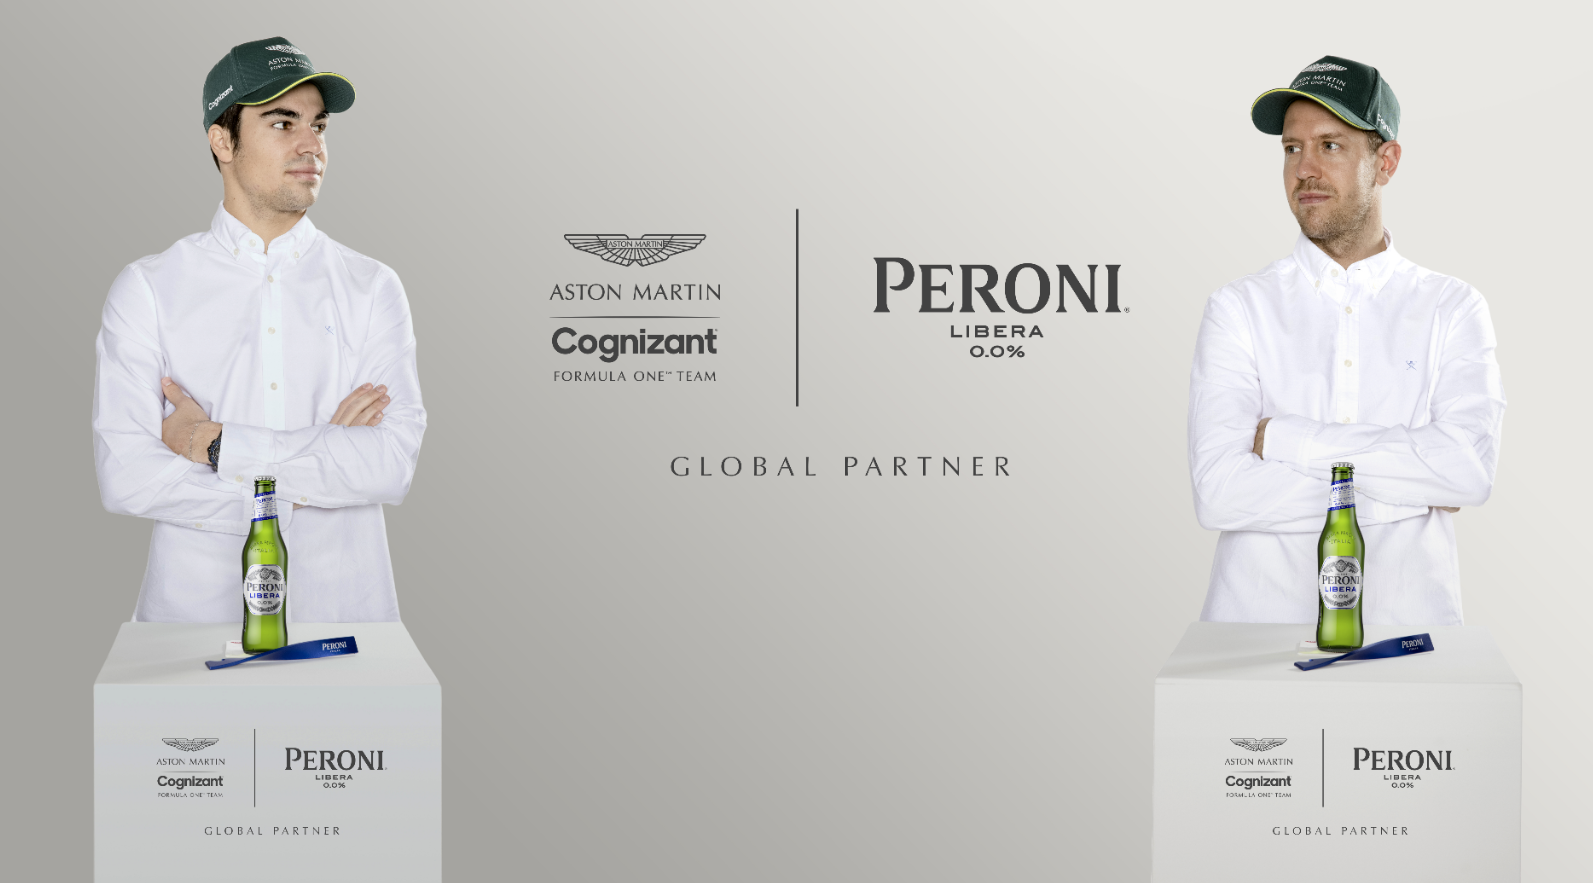 Peroni Libera 0.0% en het Aston Martin Cognizant Formula One™️ team kondigen meerjarig partnerschap aan